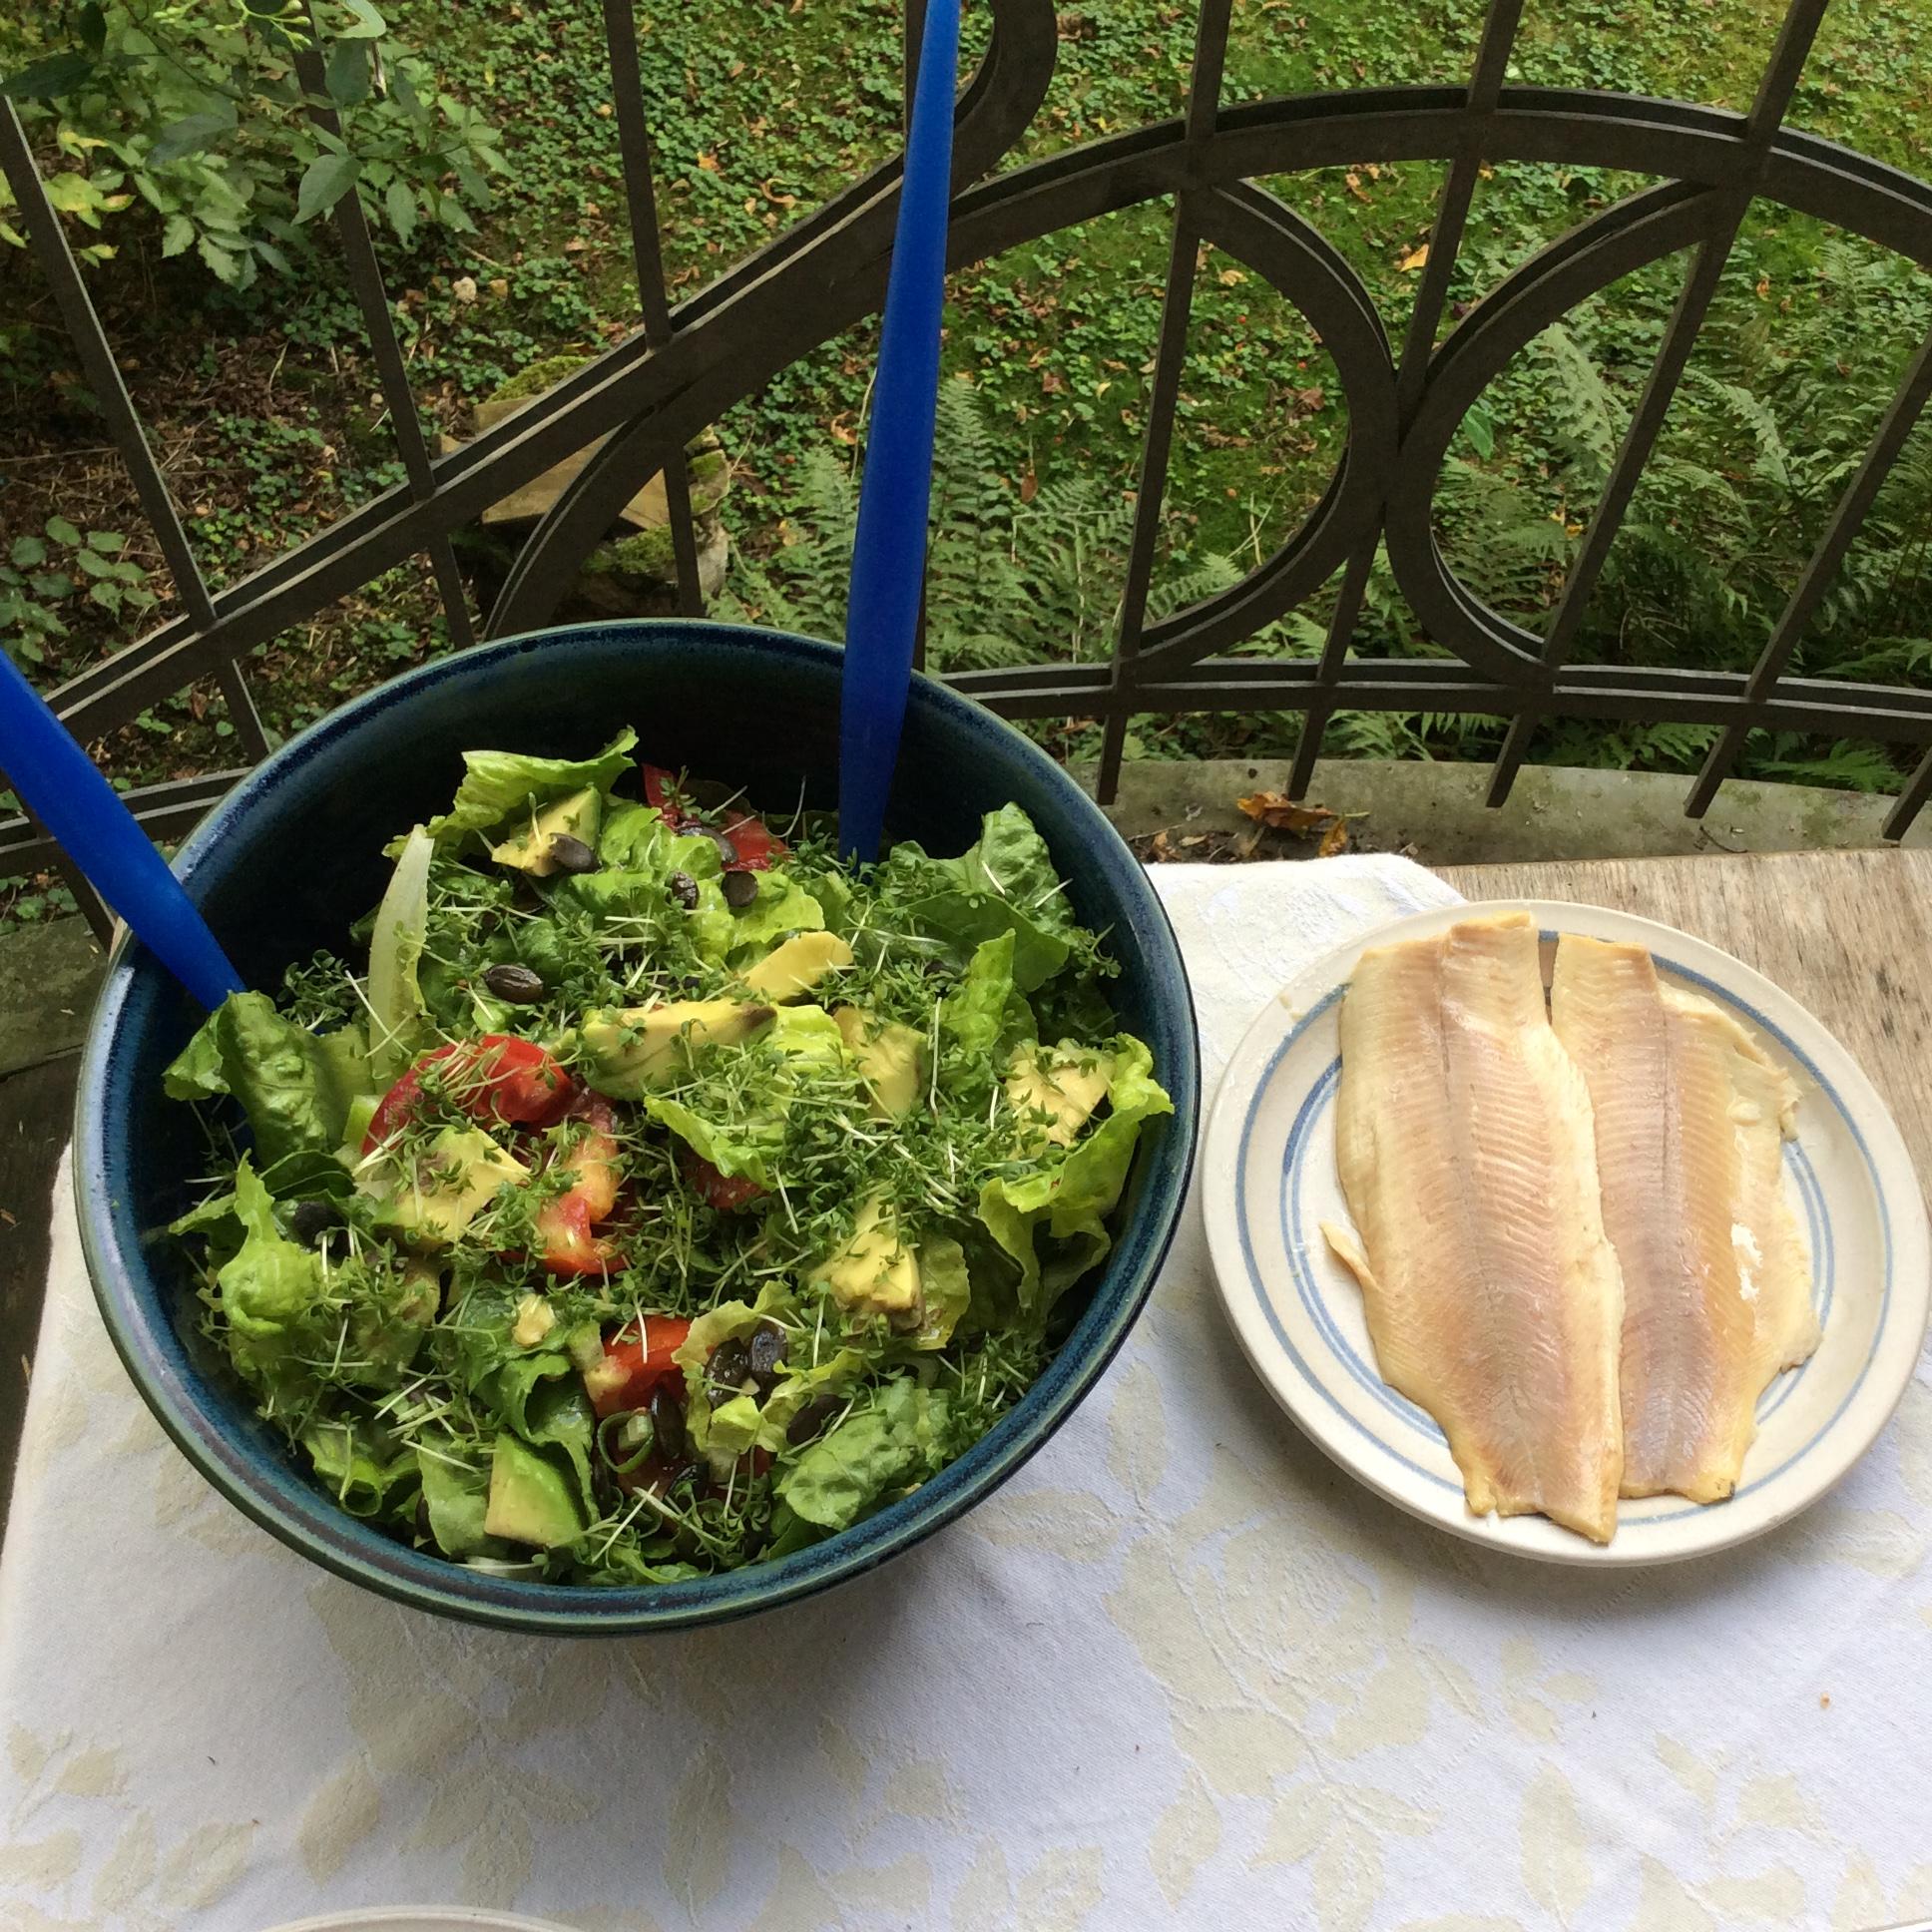 Forelle,Salat,Zucchini -25.8.15   (4)